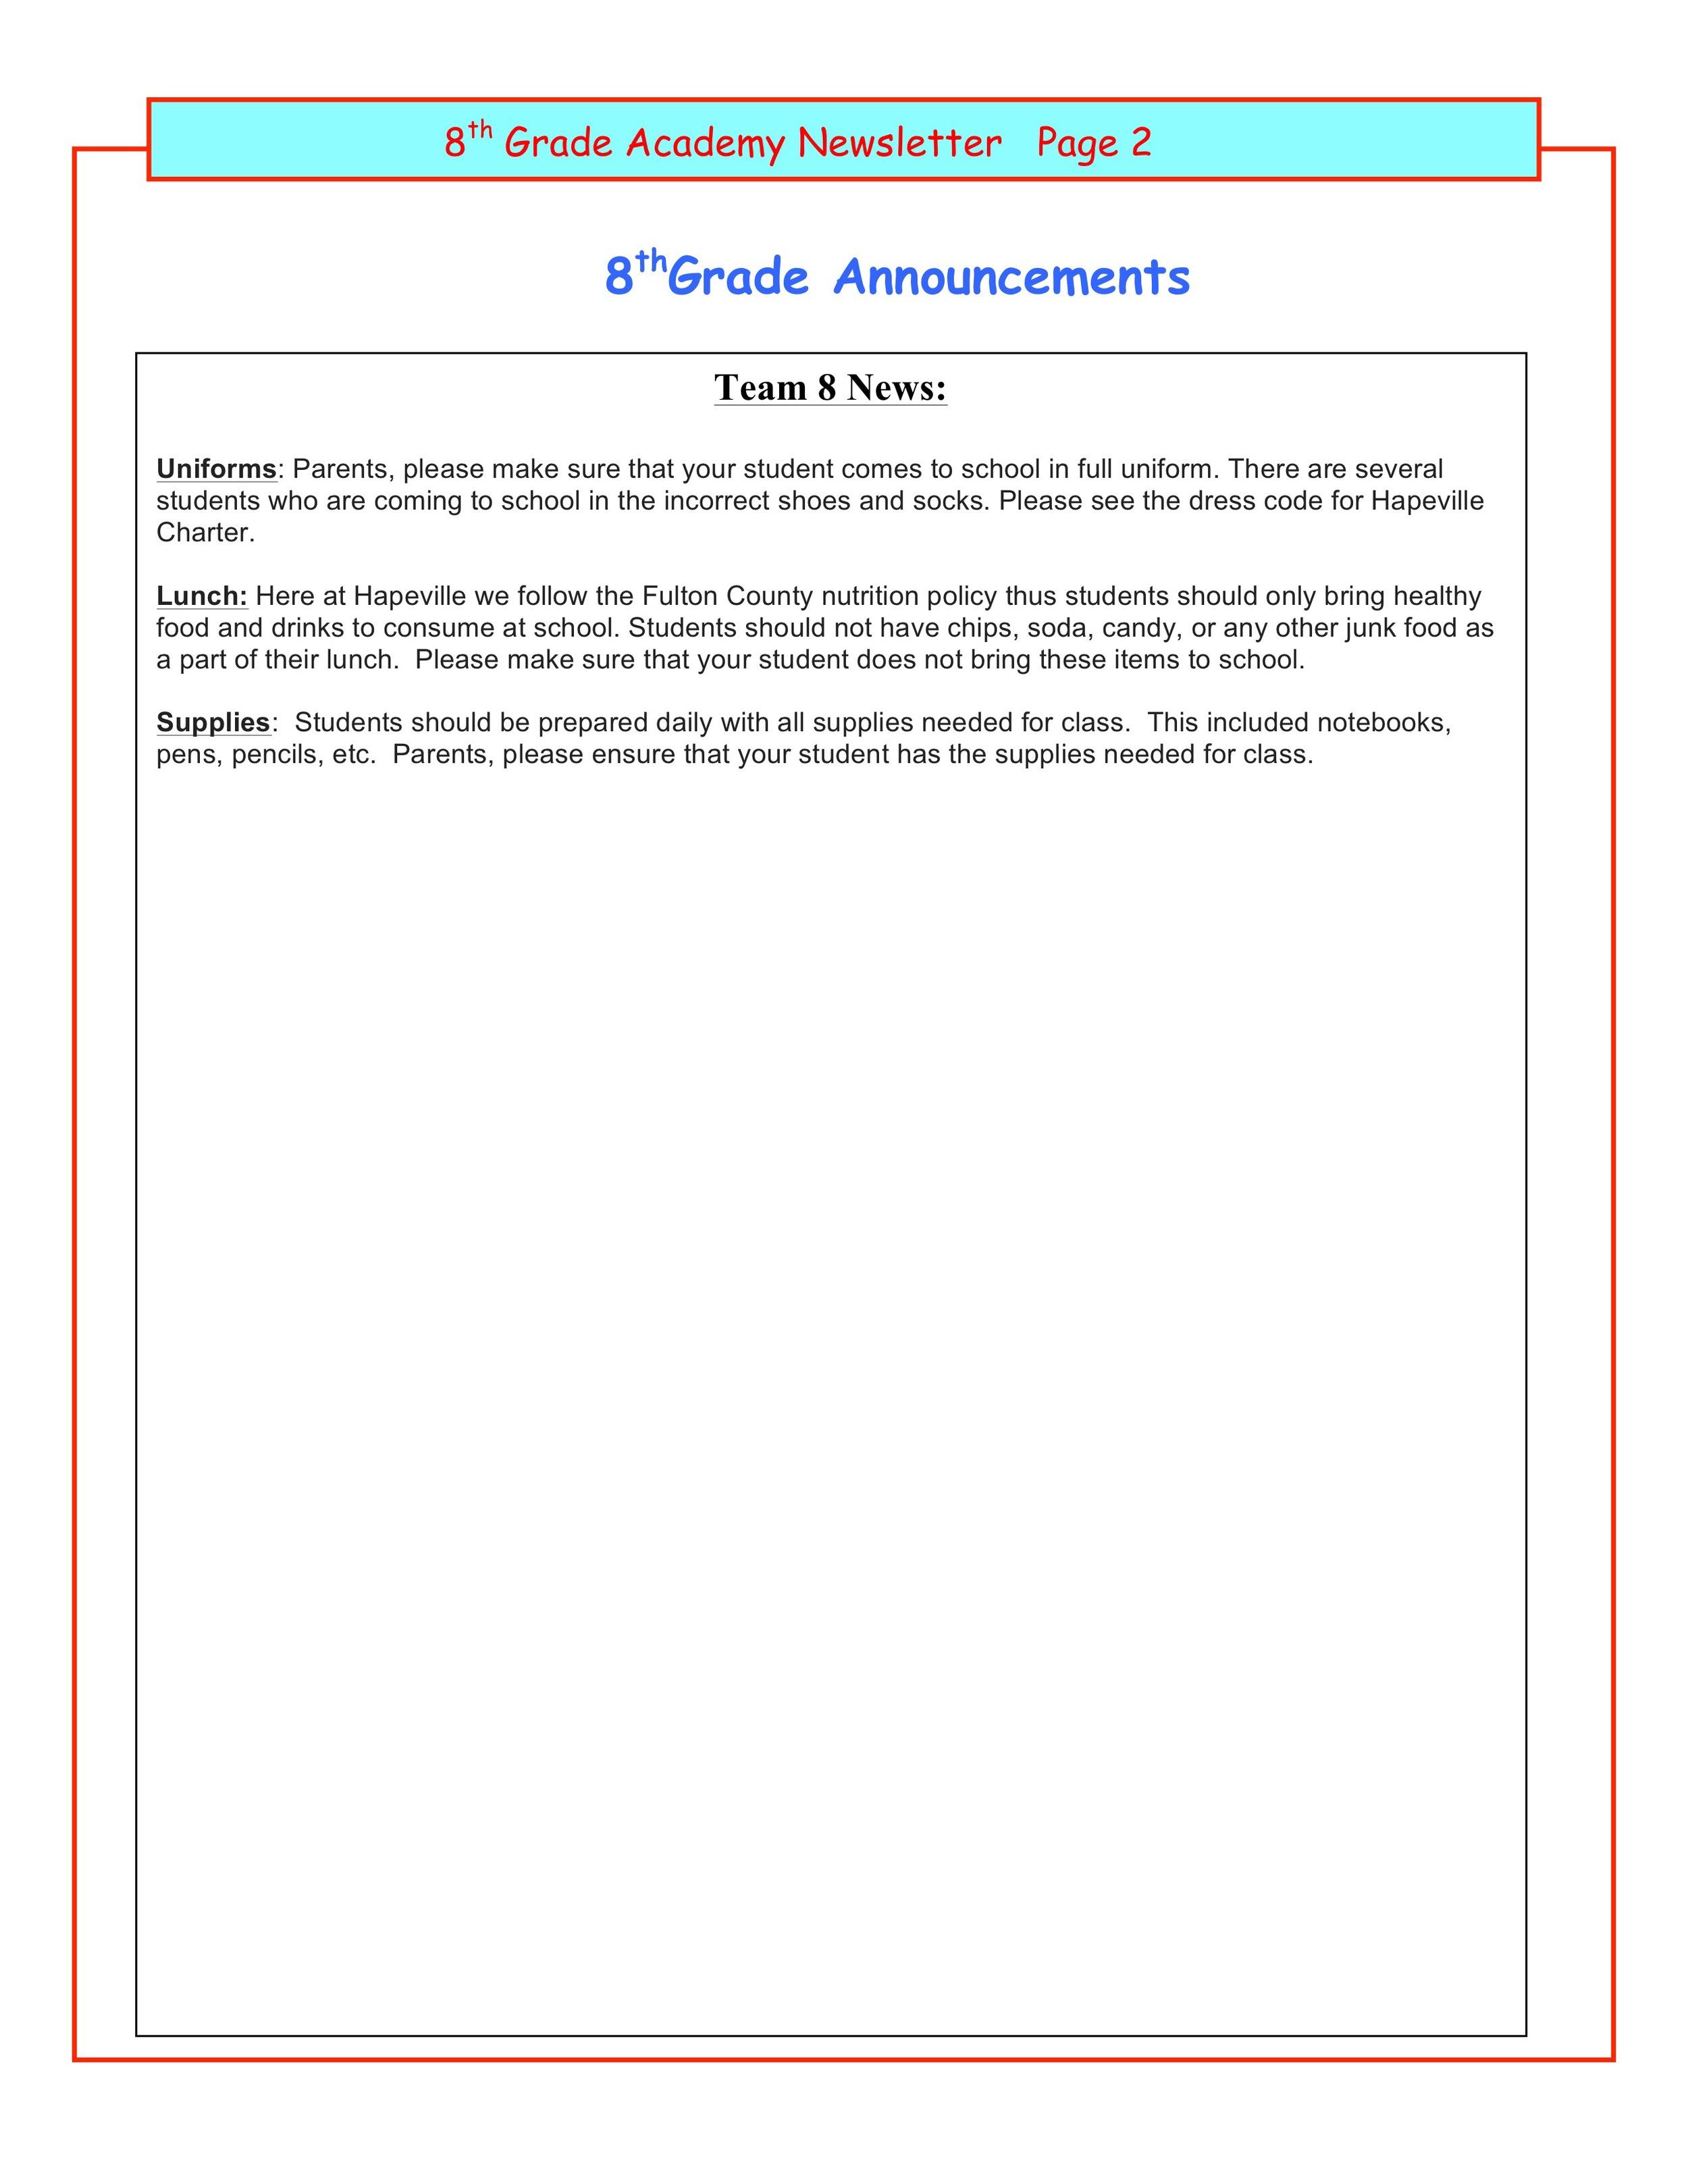 Newsletter Image8th grade November 5 2.jpeg